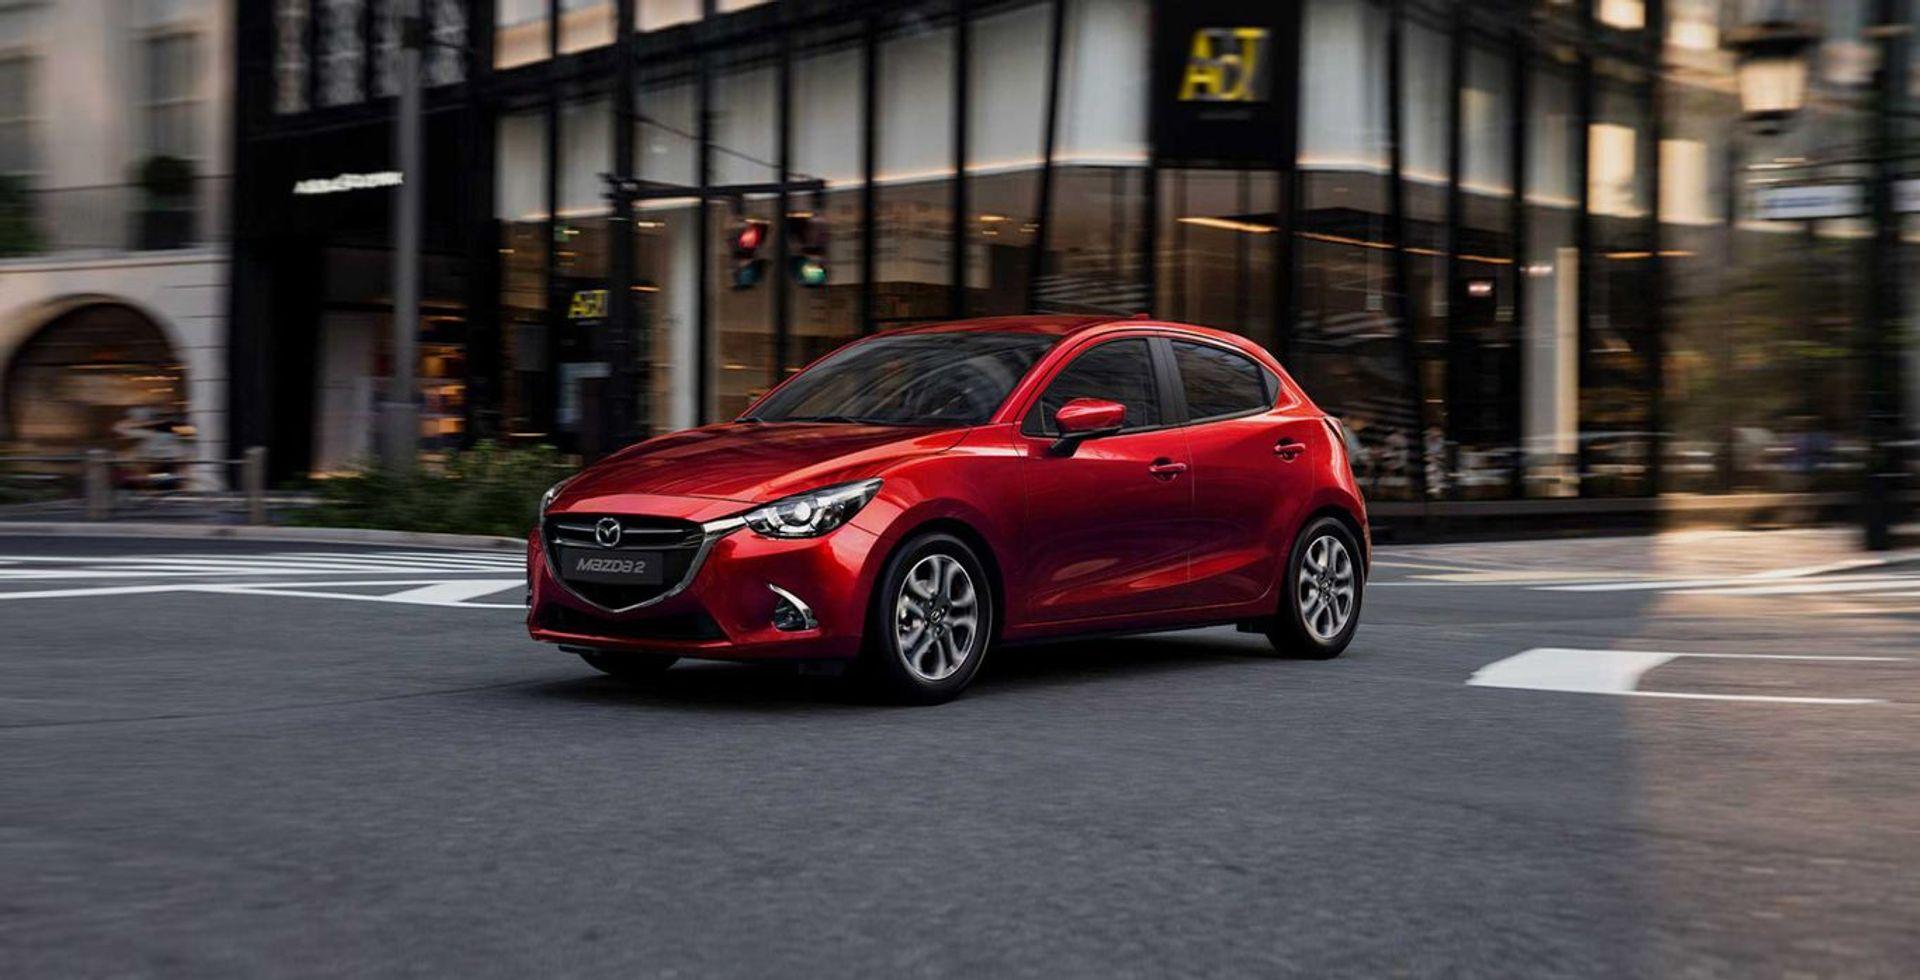 Mazda Mazda2 Black Edition image